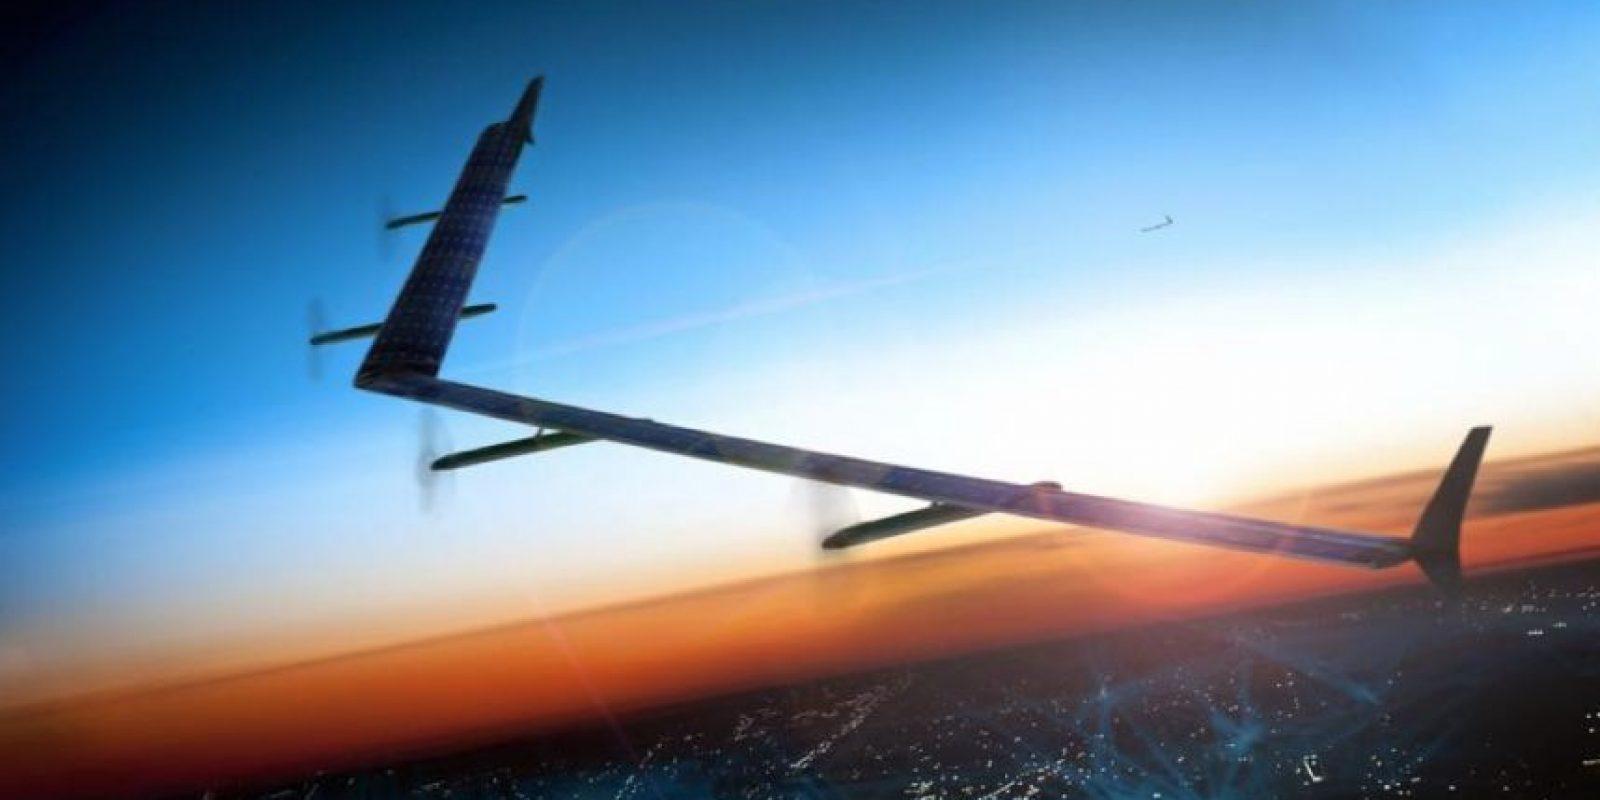 Los aviones no tripulados de Mark Zuckerger quieren conectar el mundo mediante Internet. Foto:facebook.com/zuck